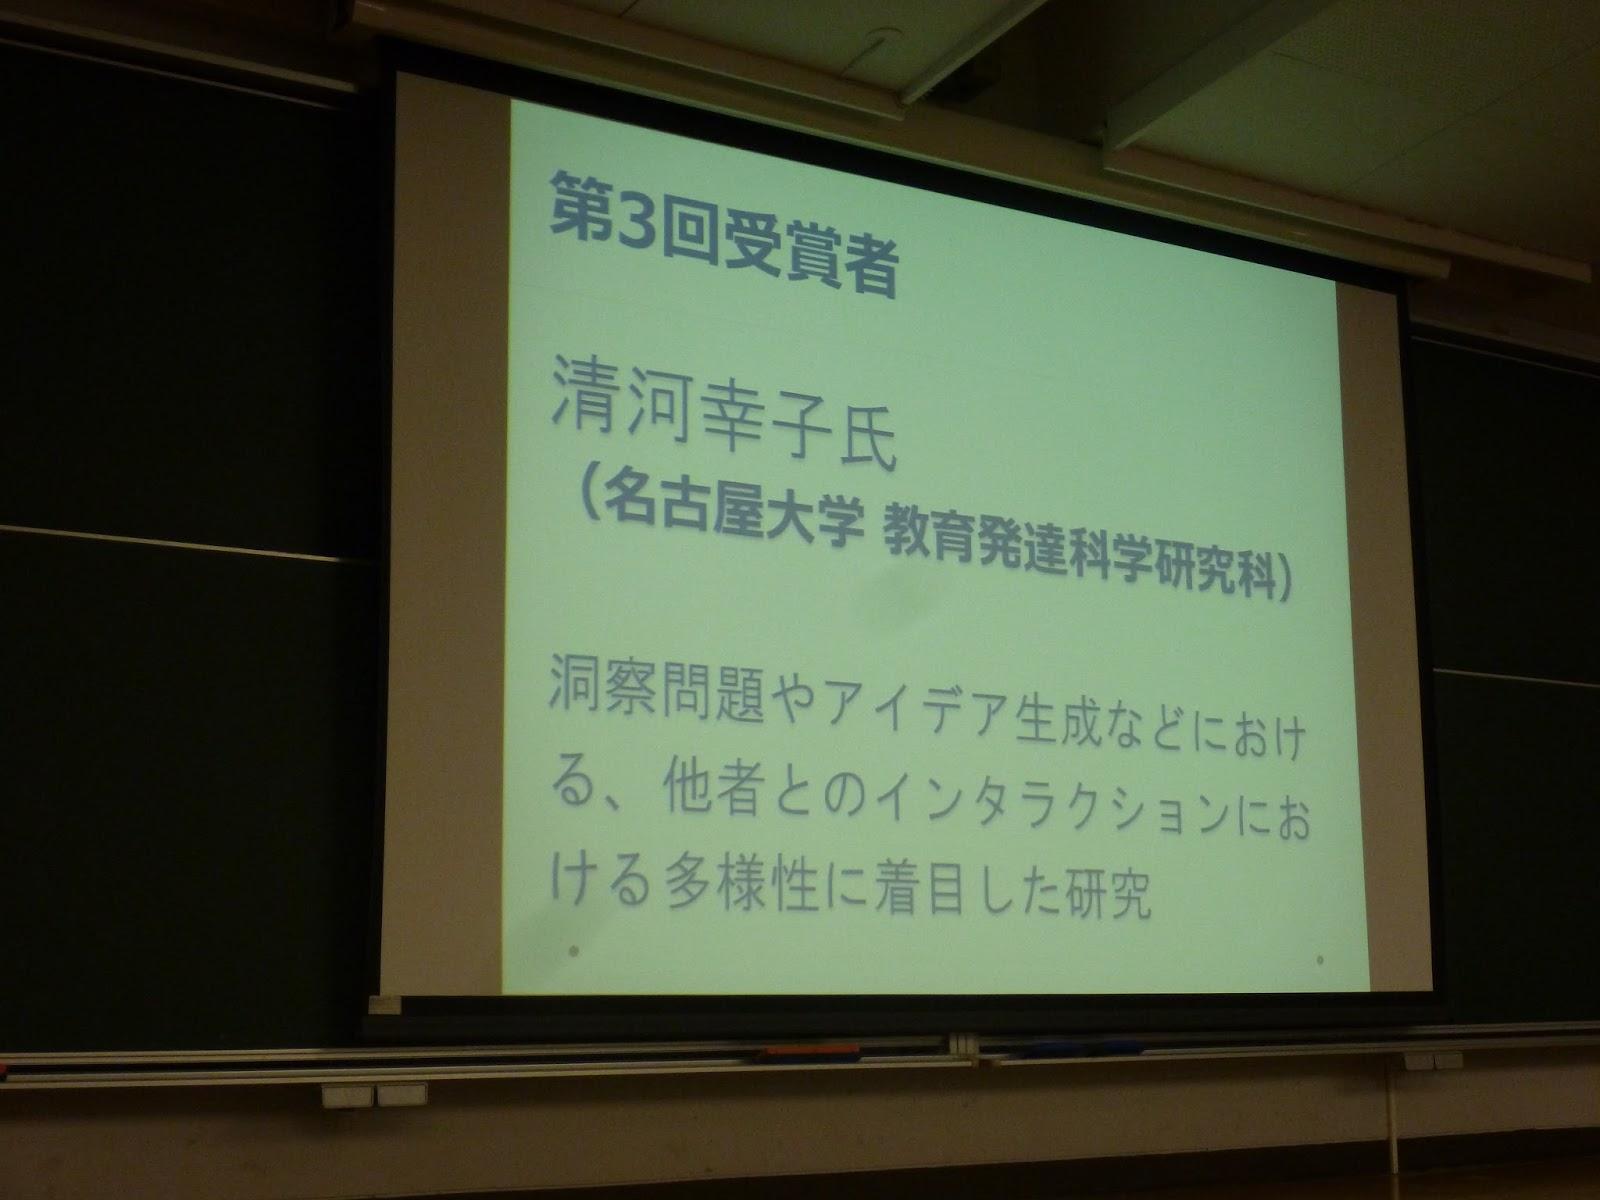 清河研究室: 第3回野島久雄賞